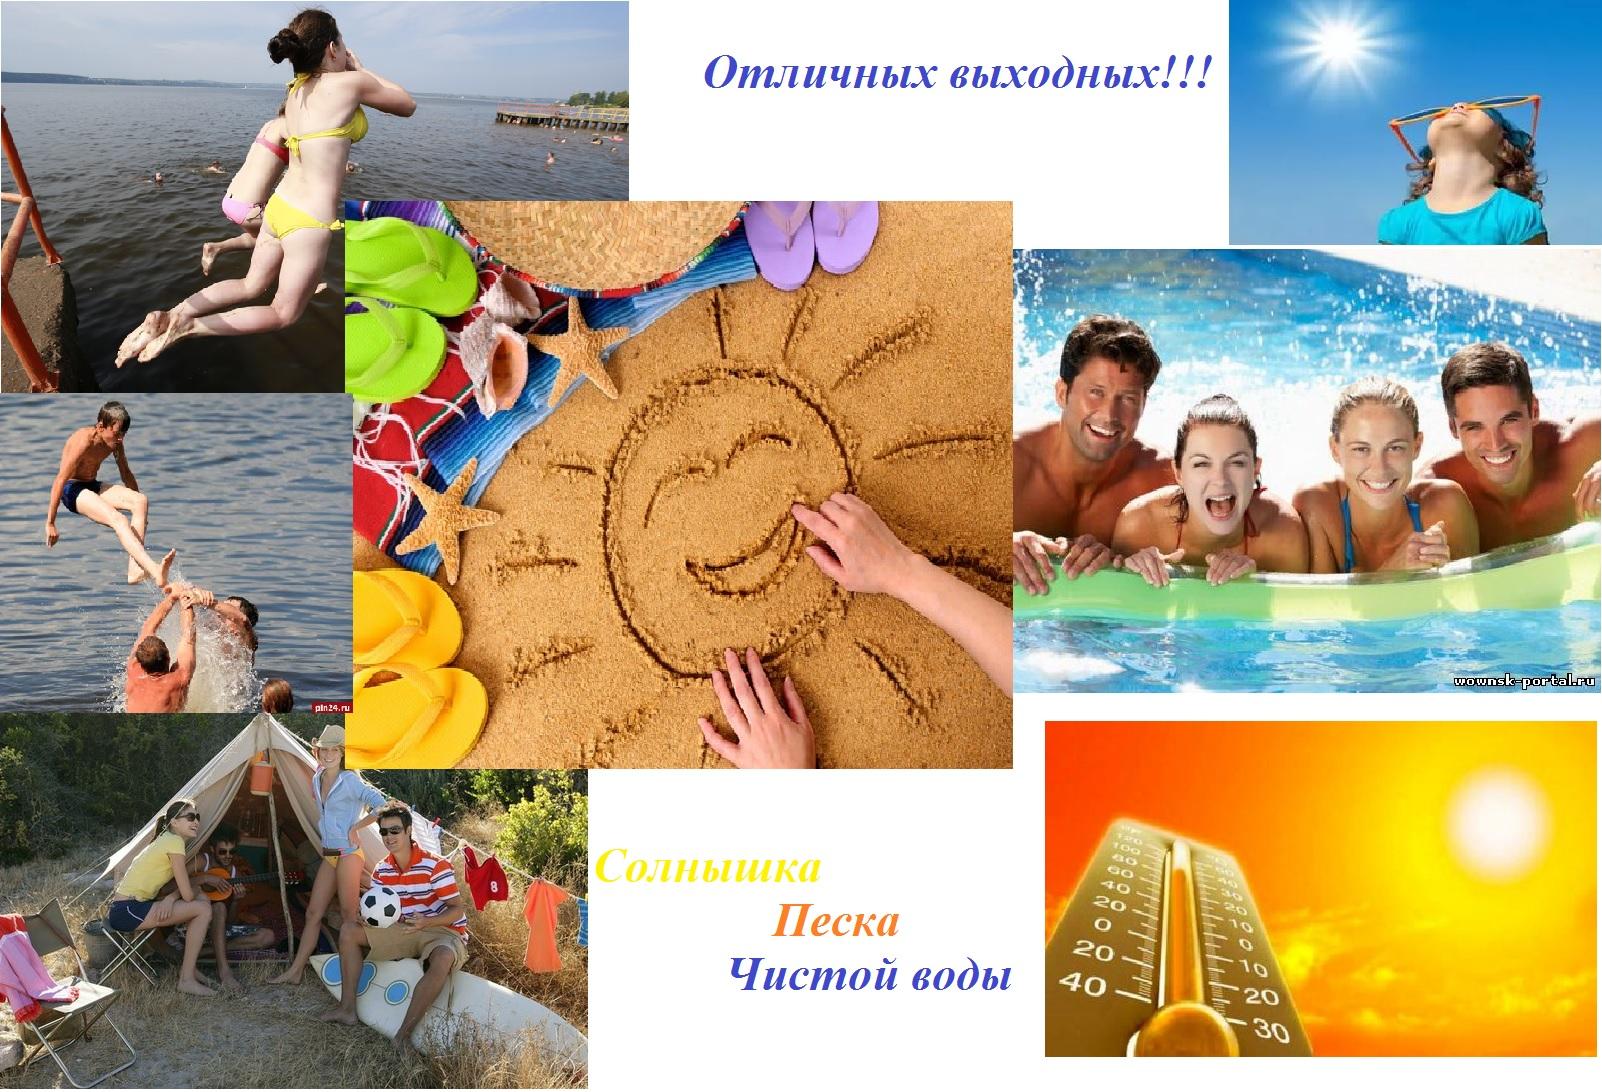 Друзья, а как Вы проводите выходные???? Напишите, поделитесь)))))